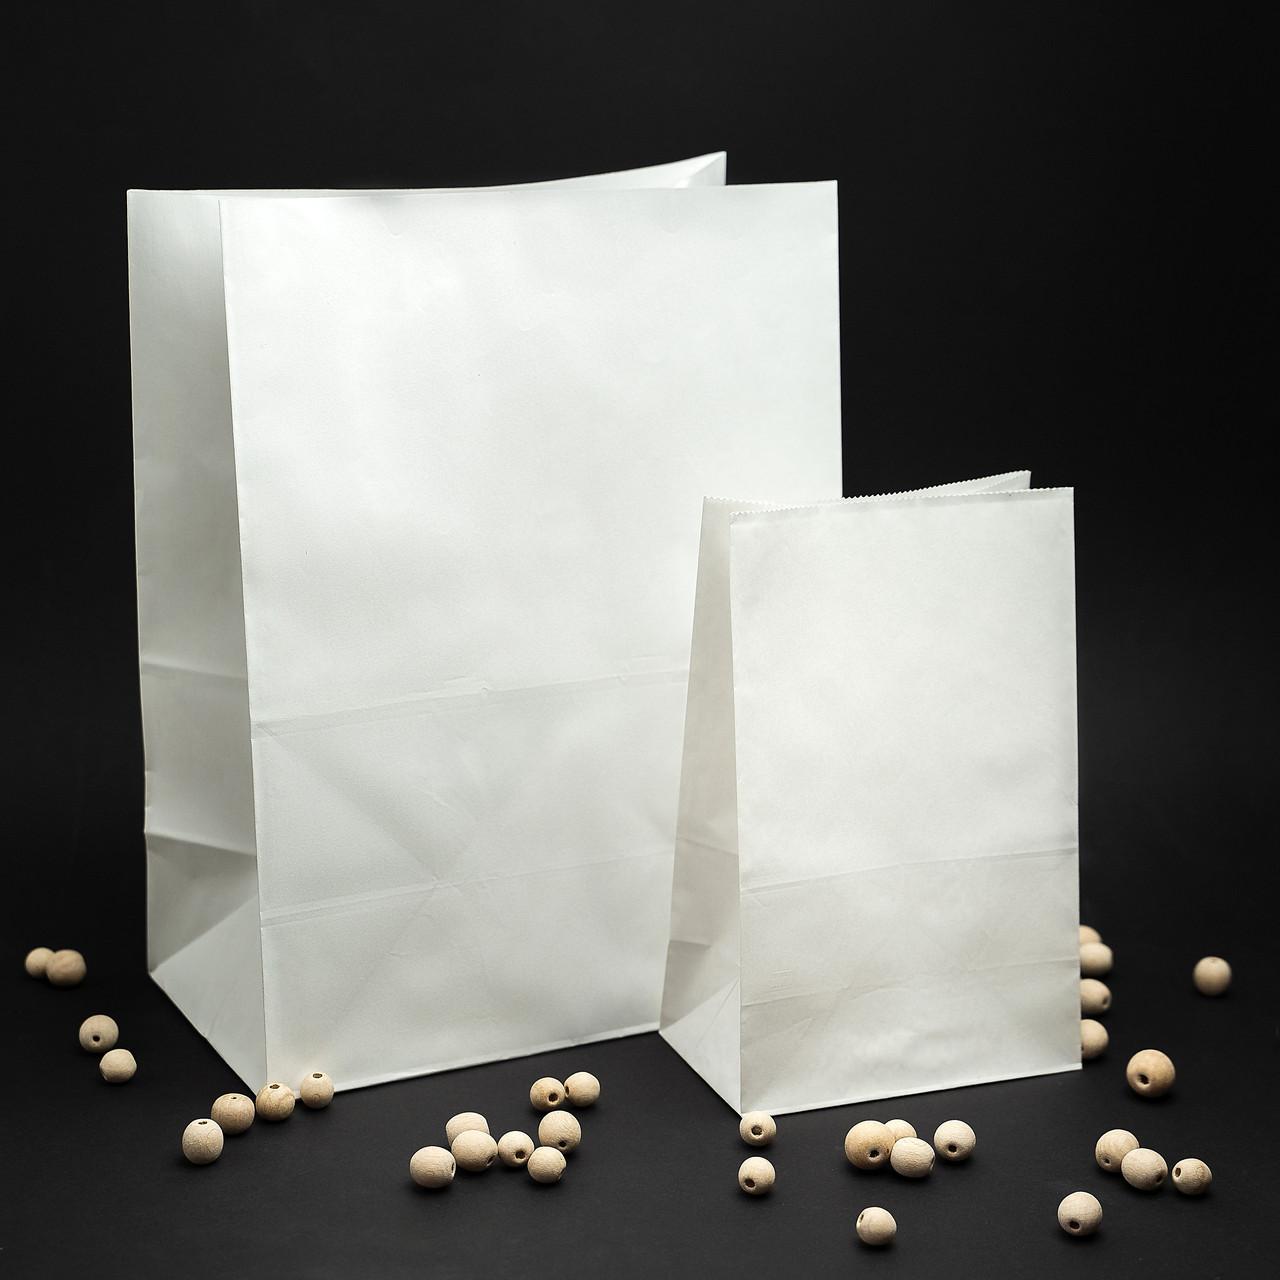 Крафт пакеты с плоским дном белые большие 320*150*380 мм, упаковка 500 штук